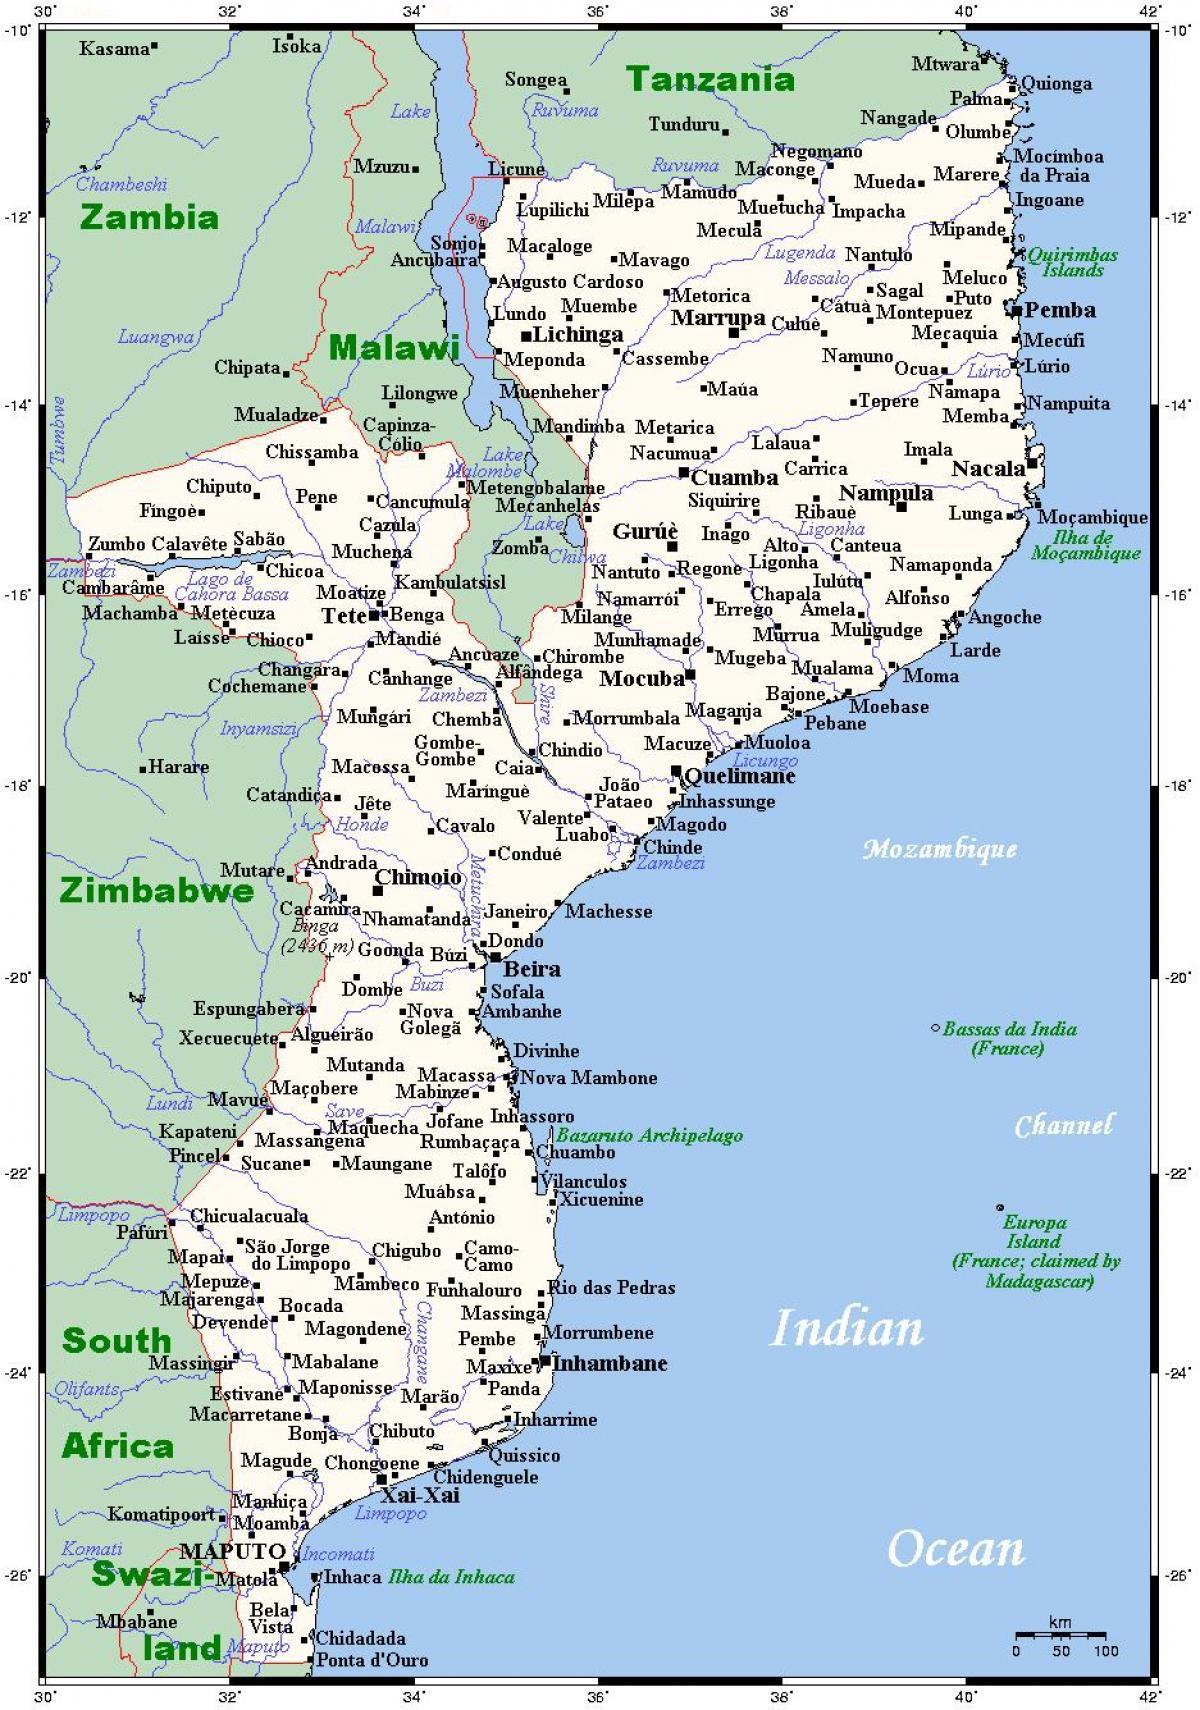 Mosambikin Kaupunkien Kartta Kartta Mosambik Kaupungeissa Ita